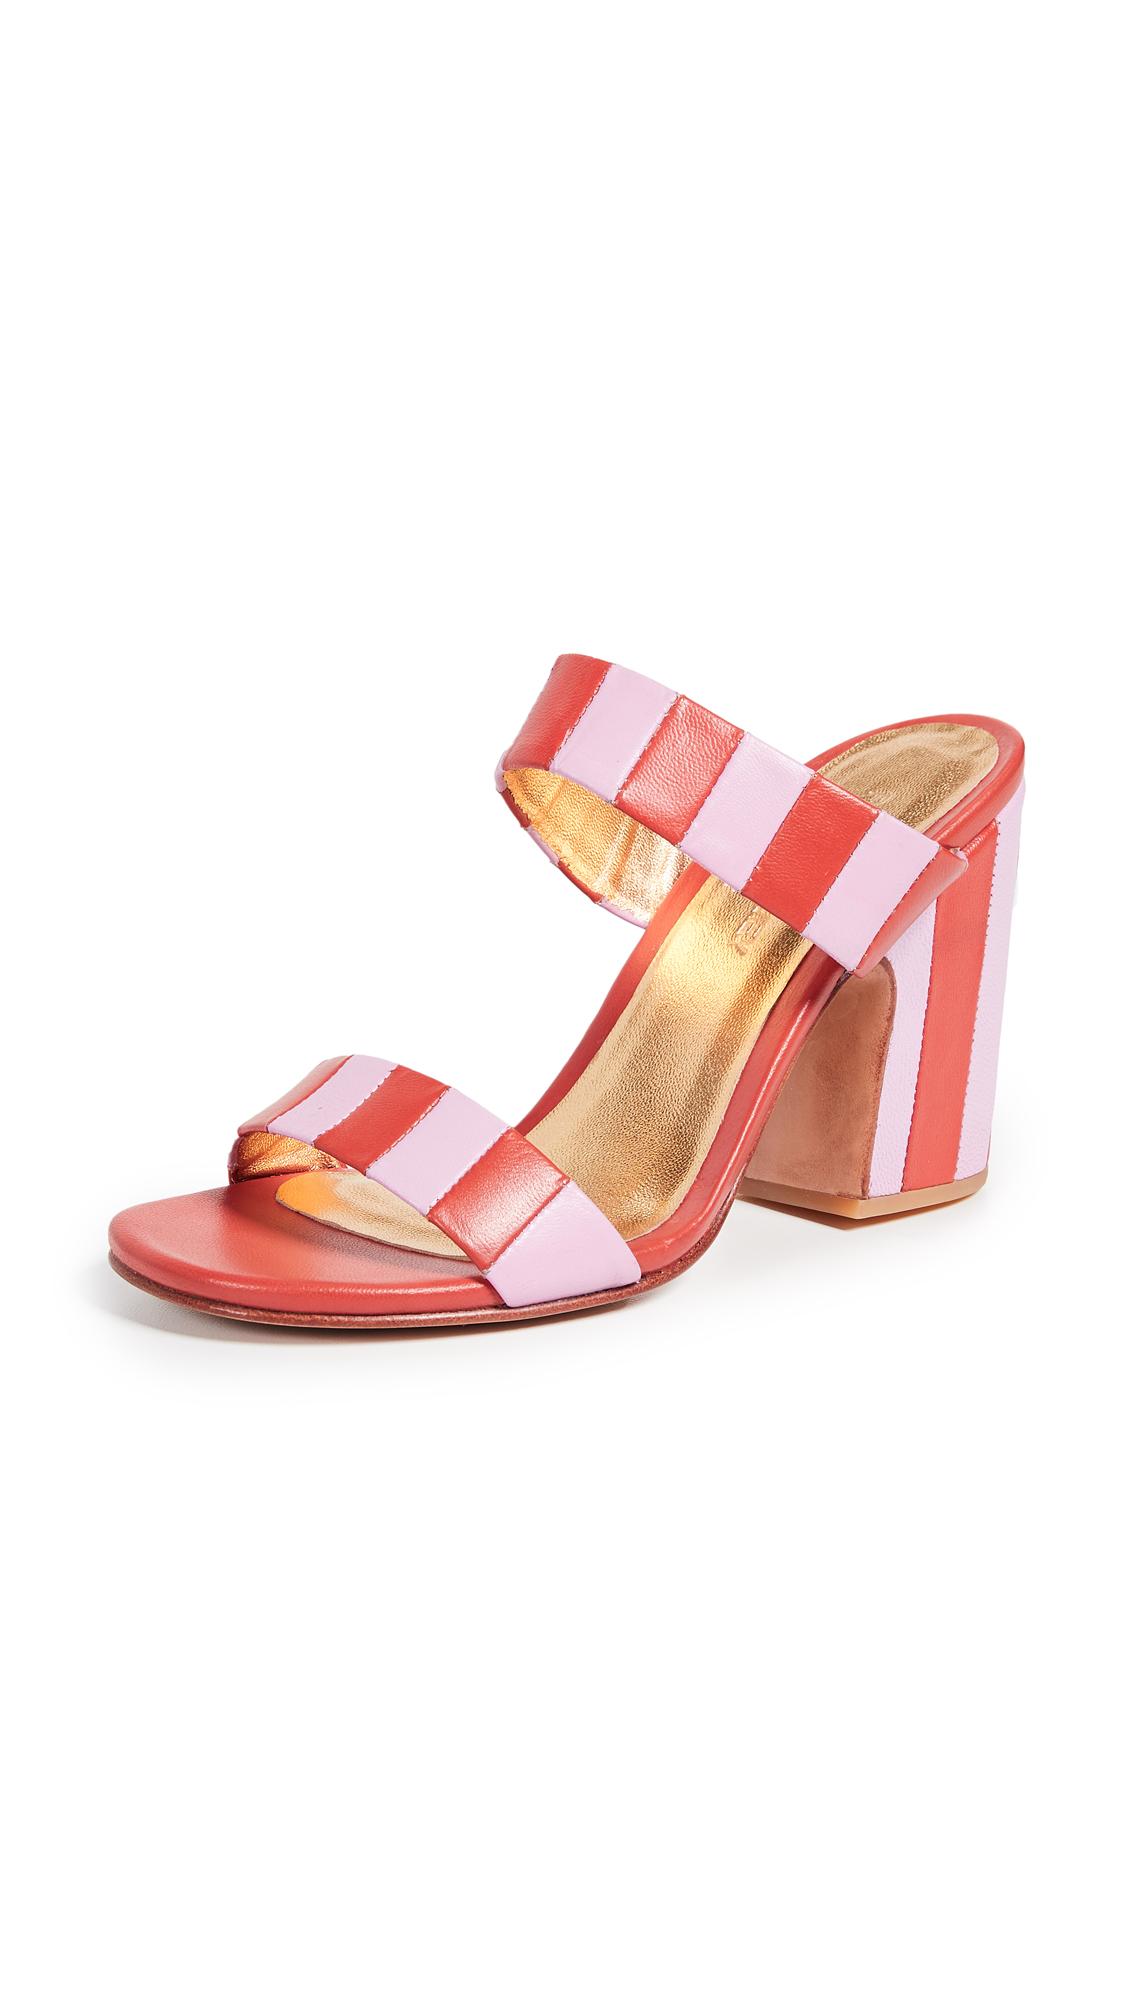 Rachel Comey Spritz Slides - Pink/Poppy